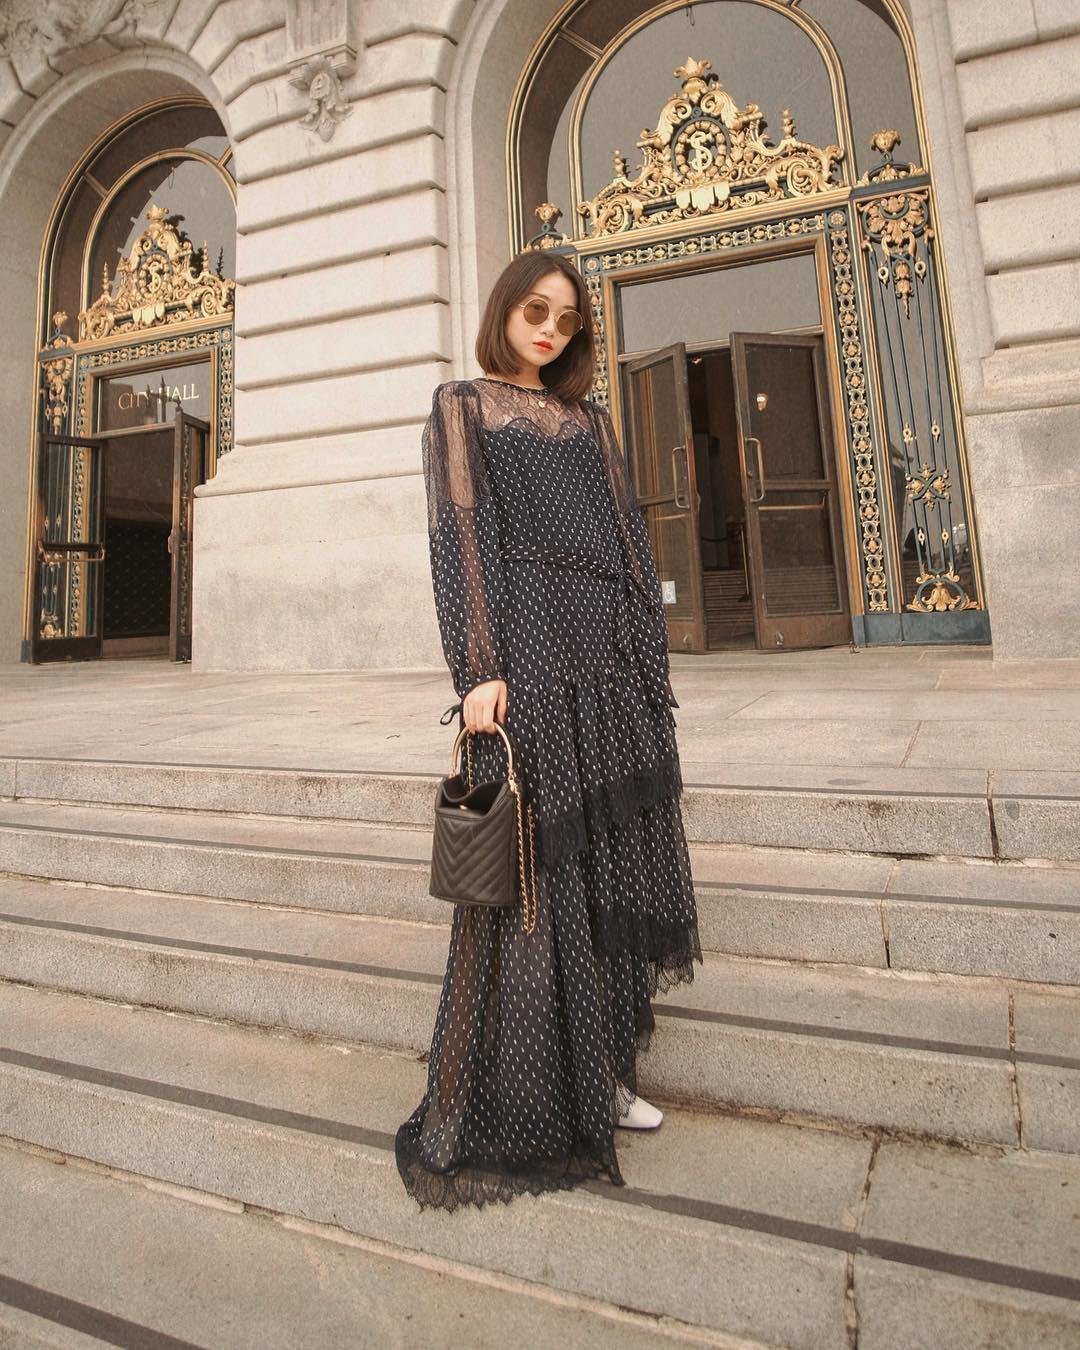 Bỗng thấy không kiểu váy nào vượt qua được váy dáng dài về độ sang chảnh, yêu kiều và hợp rơ với tiết trời se lạnh - Ảnh 13